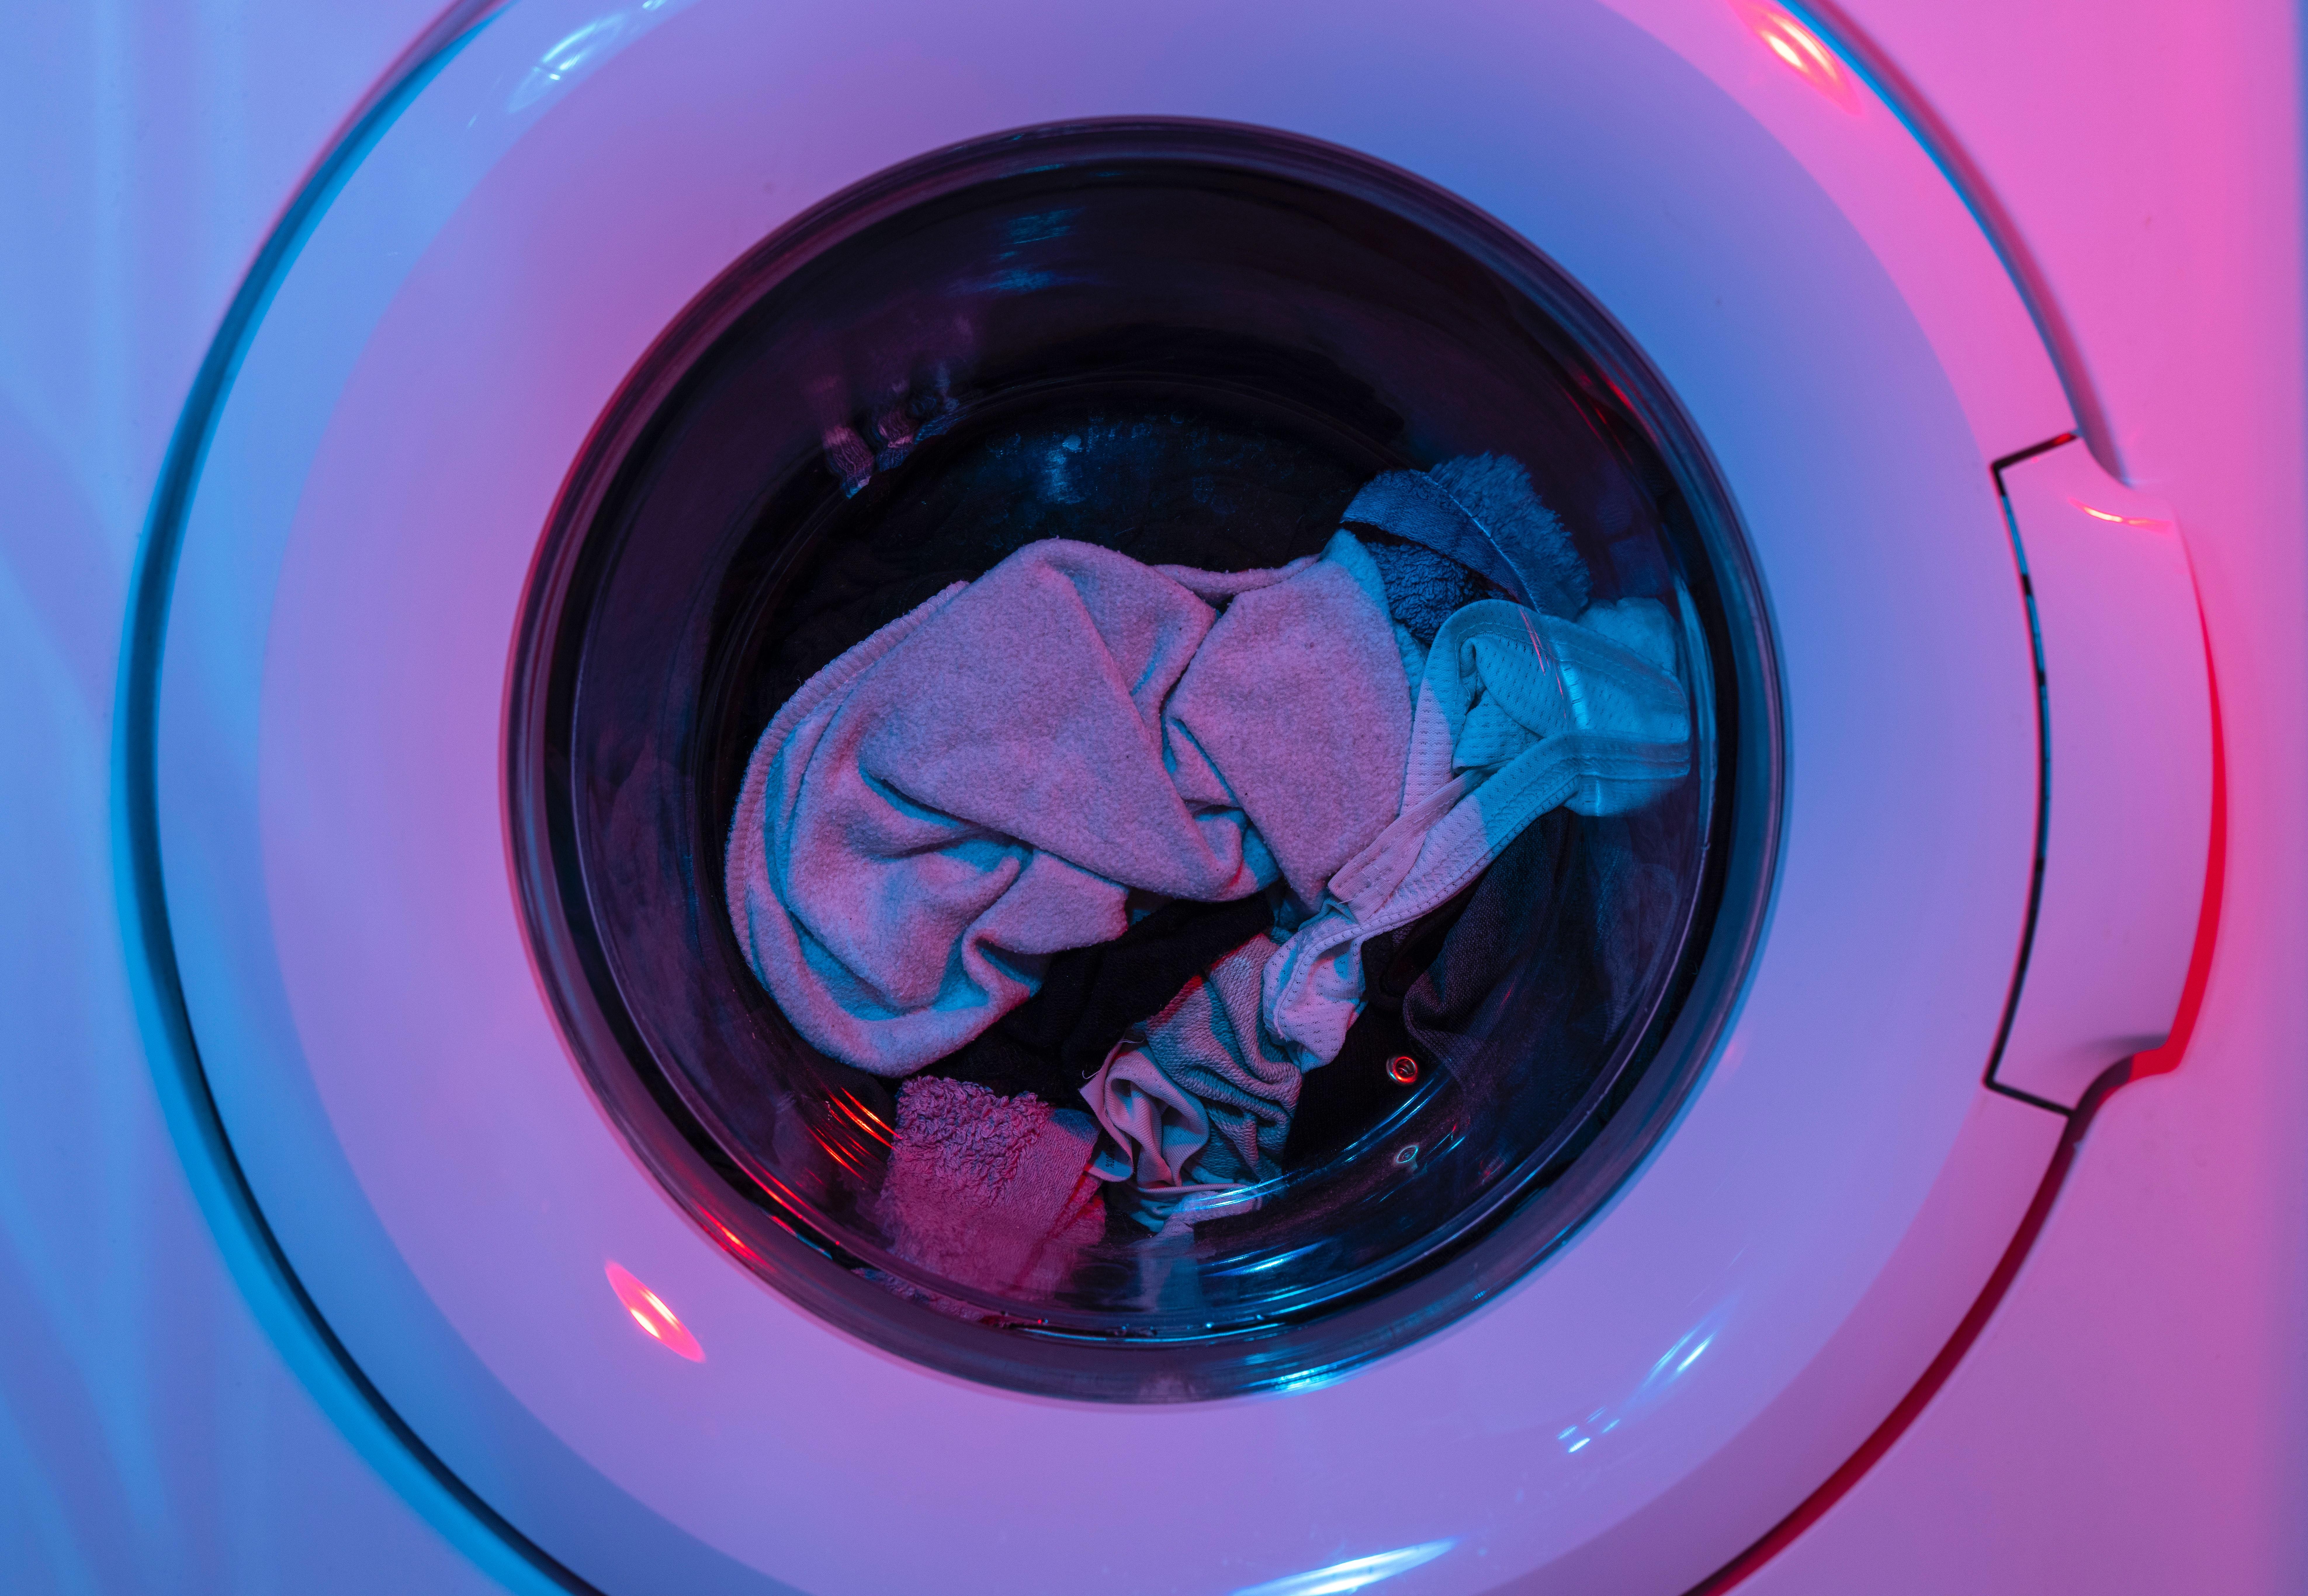 Poszukiwani producenci przyjaznych dla środowiska detergentów